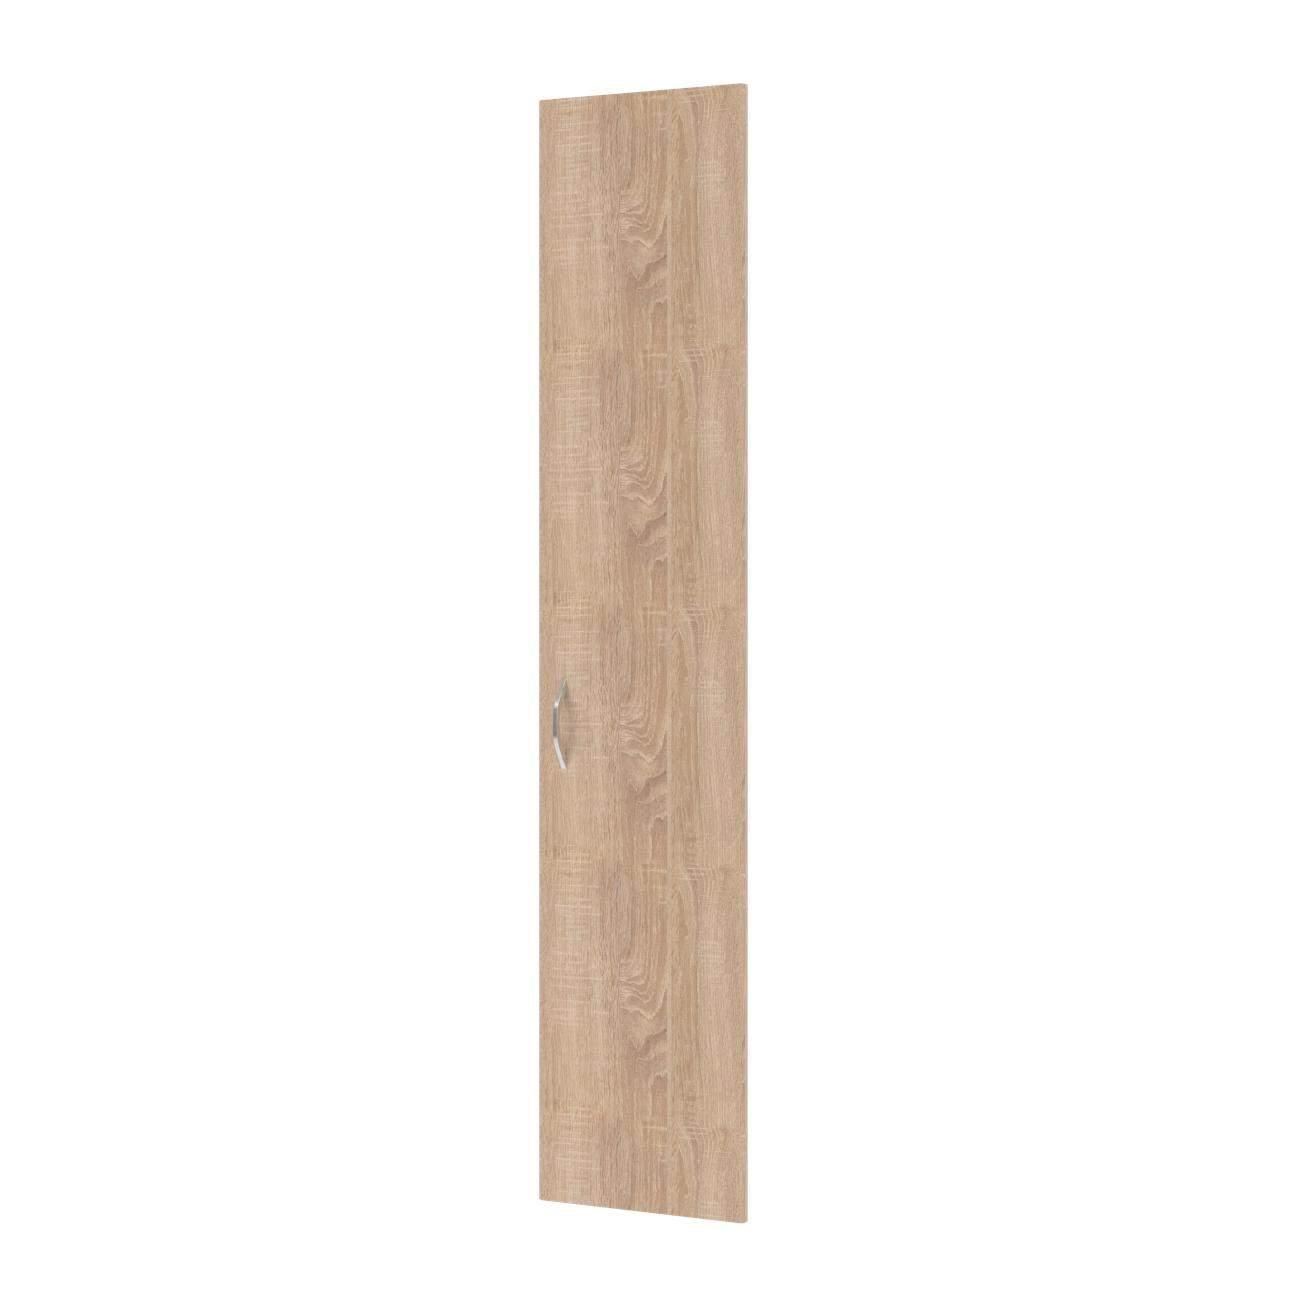 Дверь ЛДСП высокая правая 382х16х1740